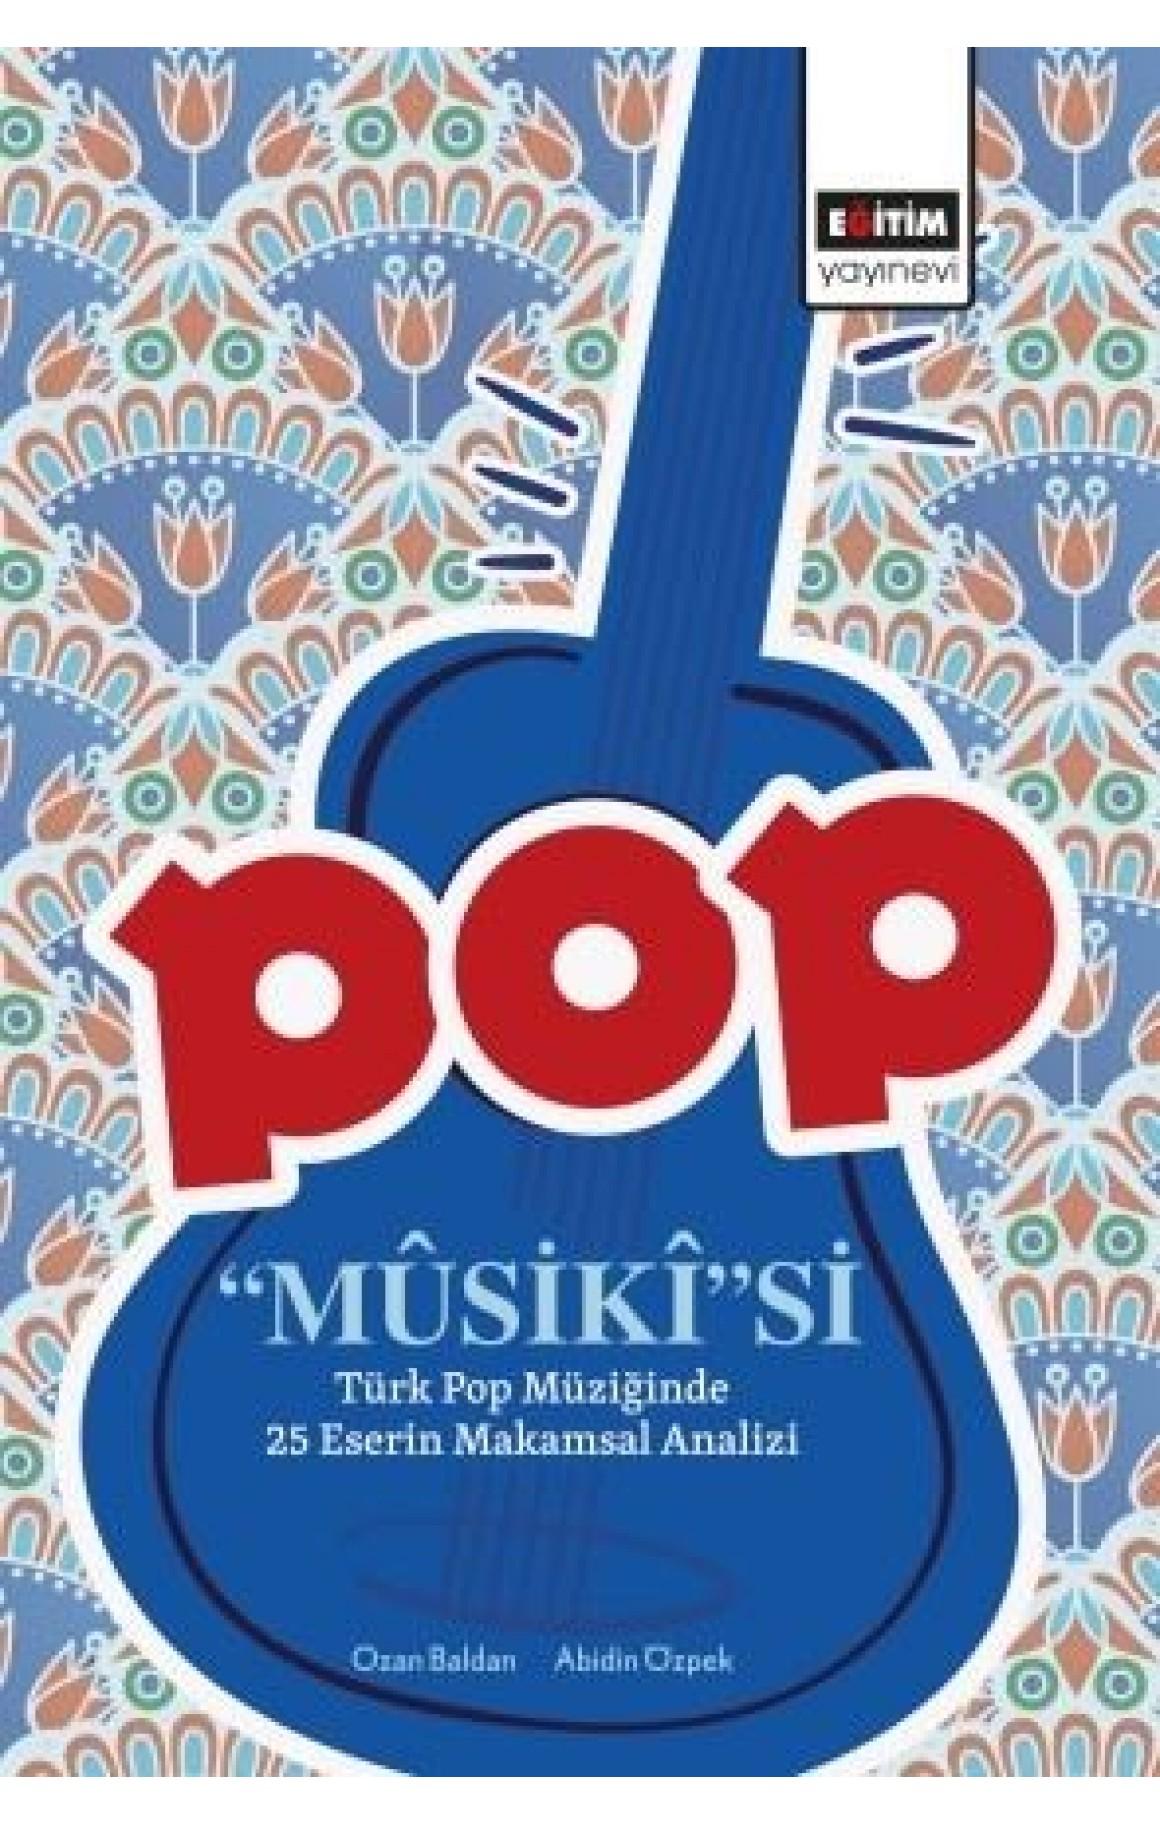 Pop Musikisi: Türk Pop Müziğinde 25 Eserin Makamsal Analizi